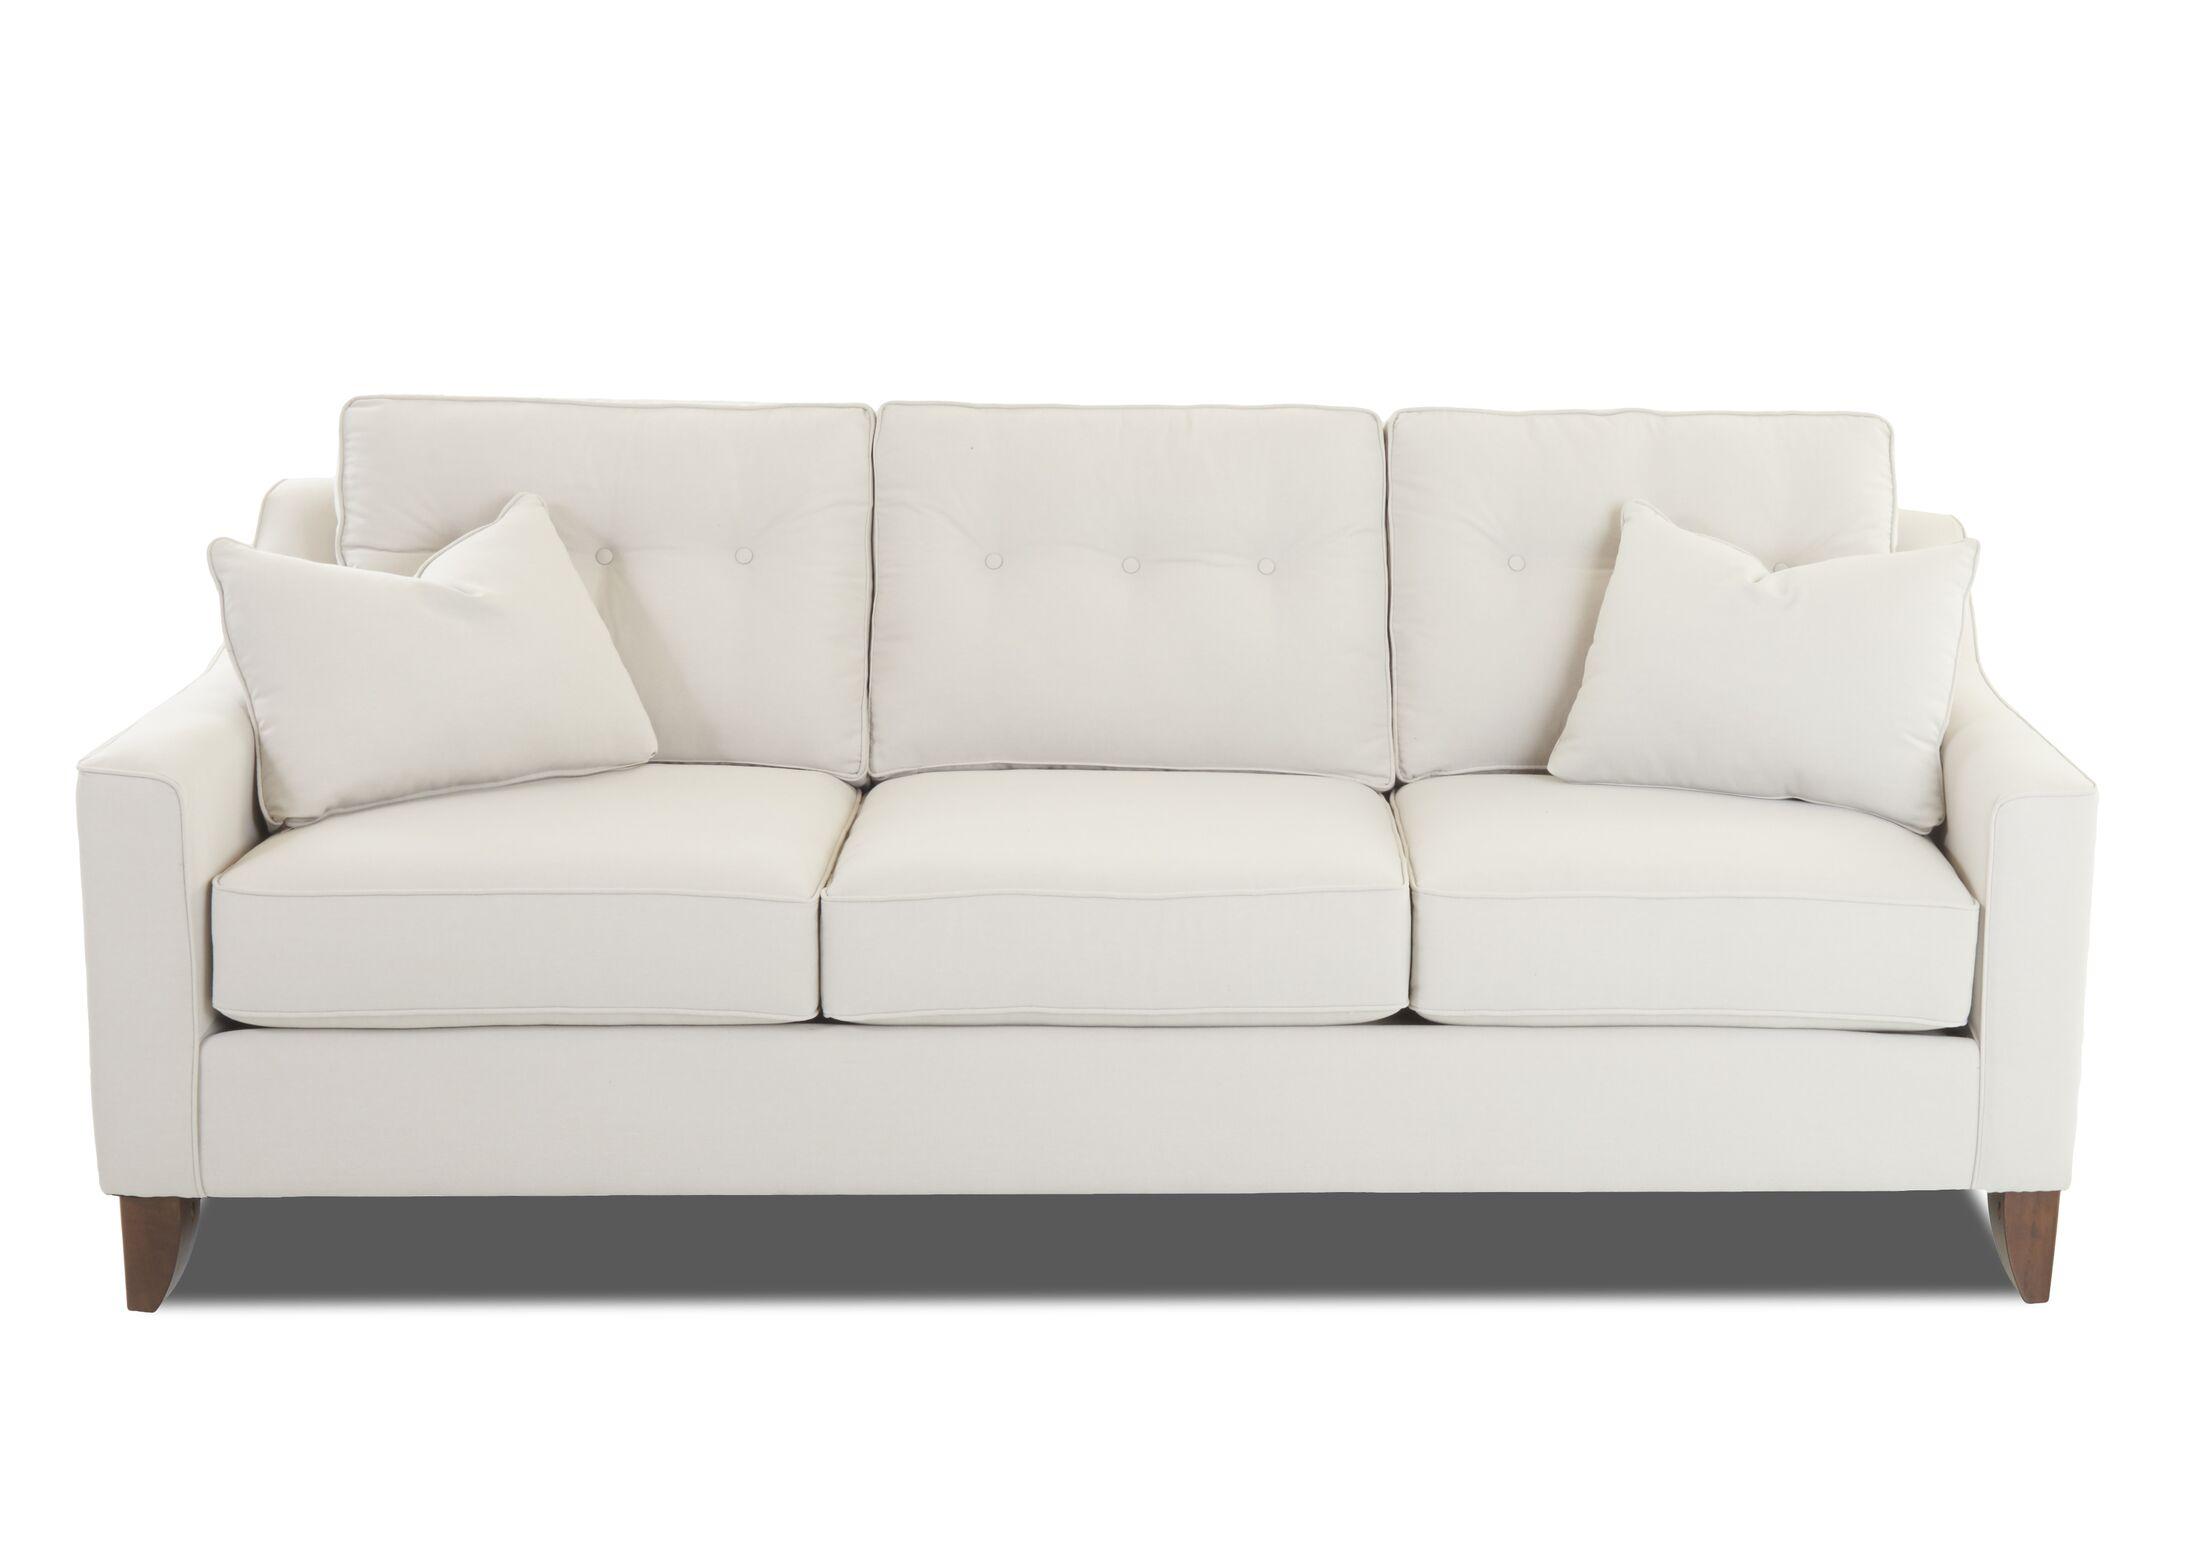 Pardo Sofa Upholstery: Oakley Ivory